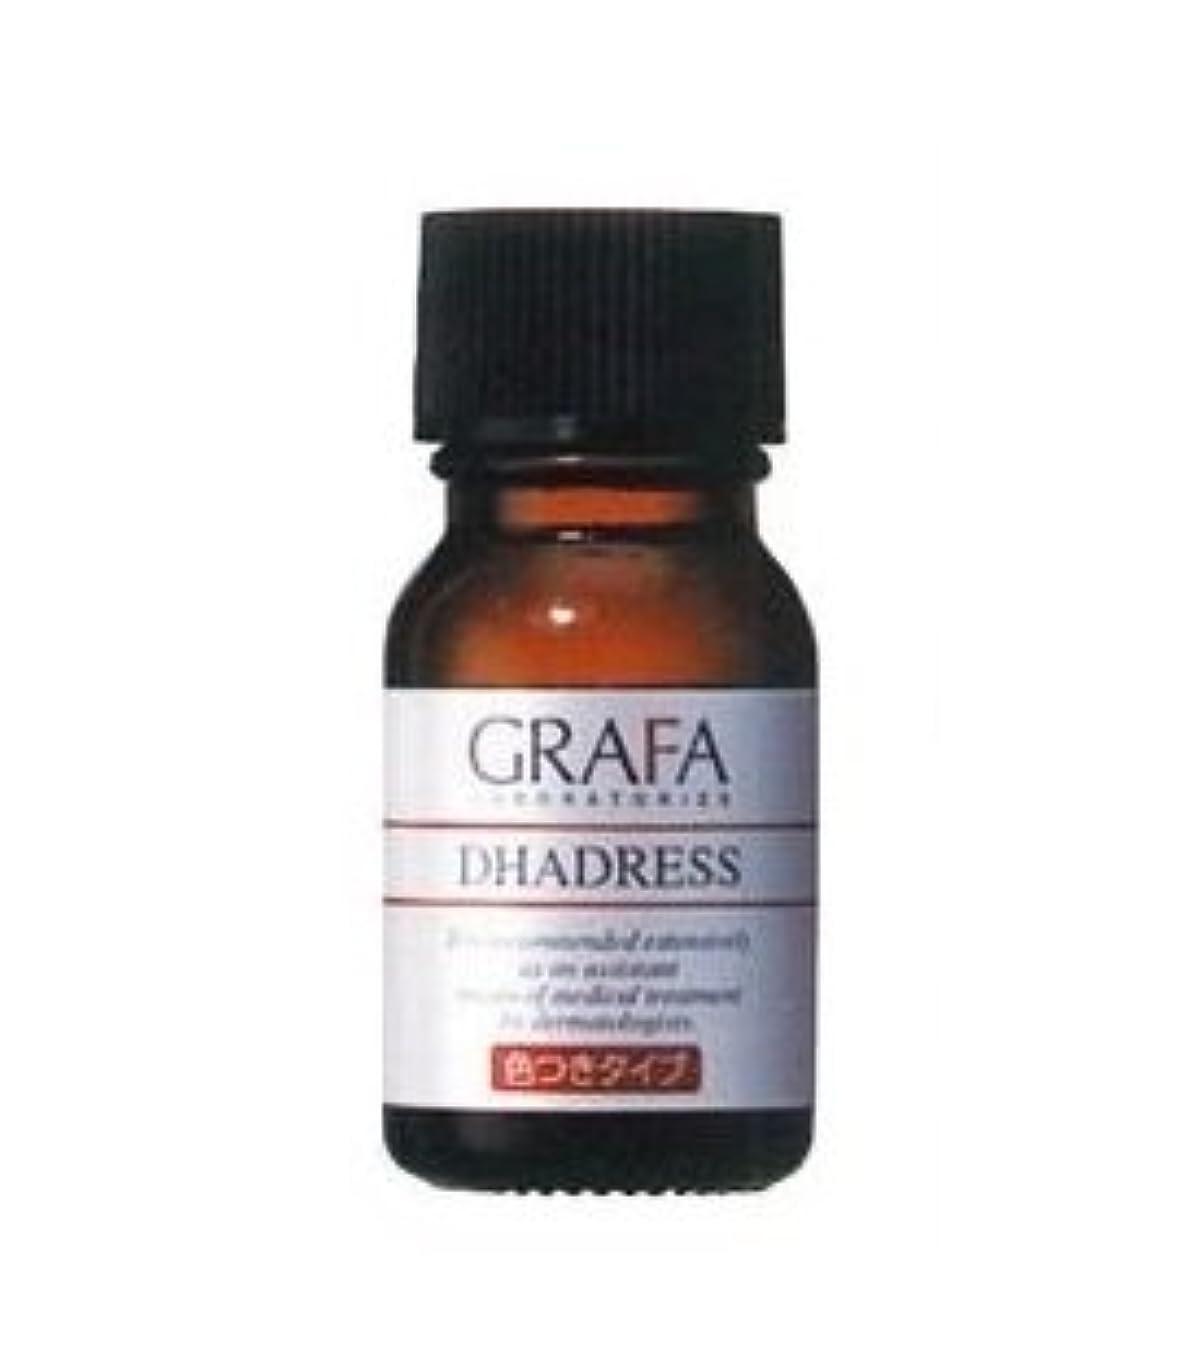 憂鬱平和八グラファ ダドレスC (色つきタイプ) 11mL 着色用化粧水 GRAFA DHADRESS